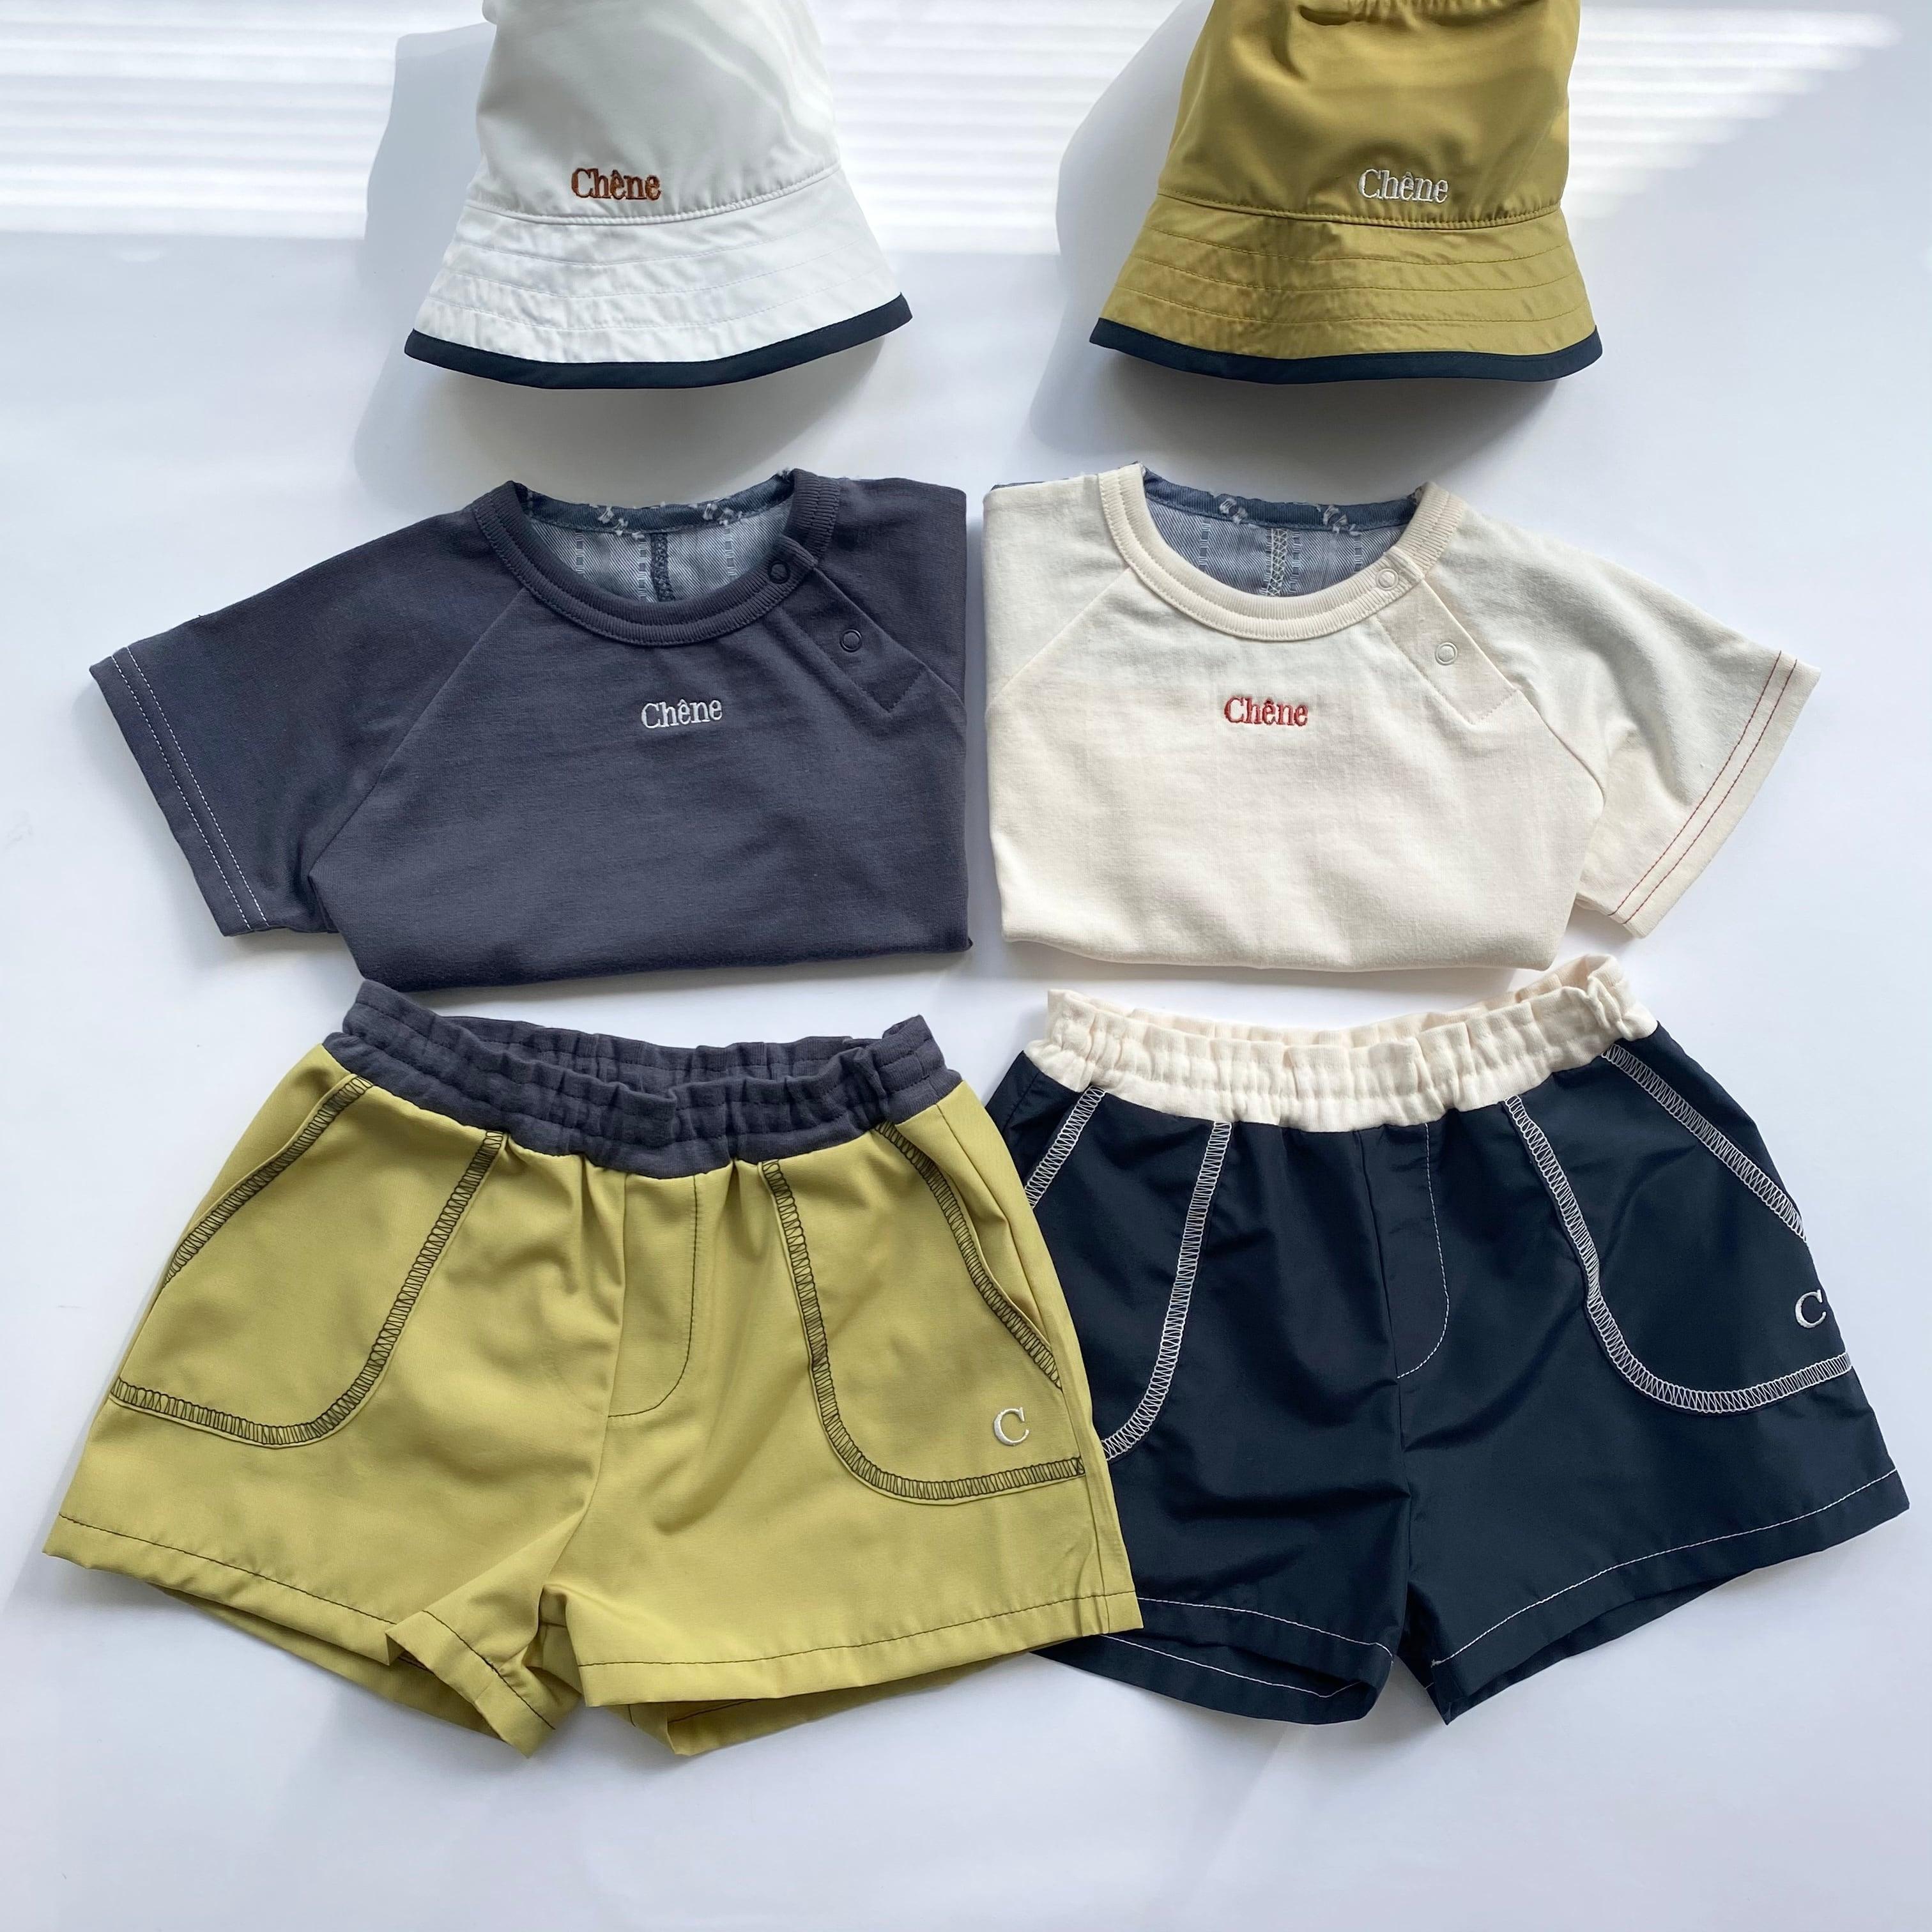 【ベビー服】バック切り替えTEE / チャコールグレー×ブルー / 80.90サイズ